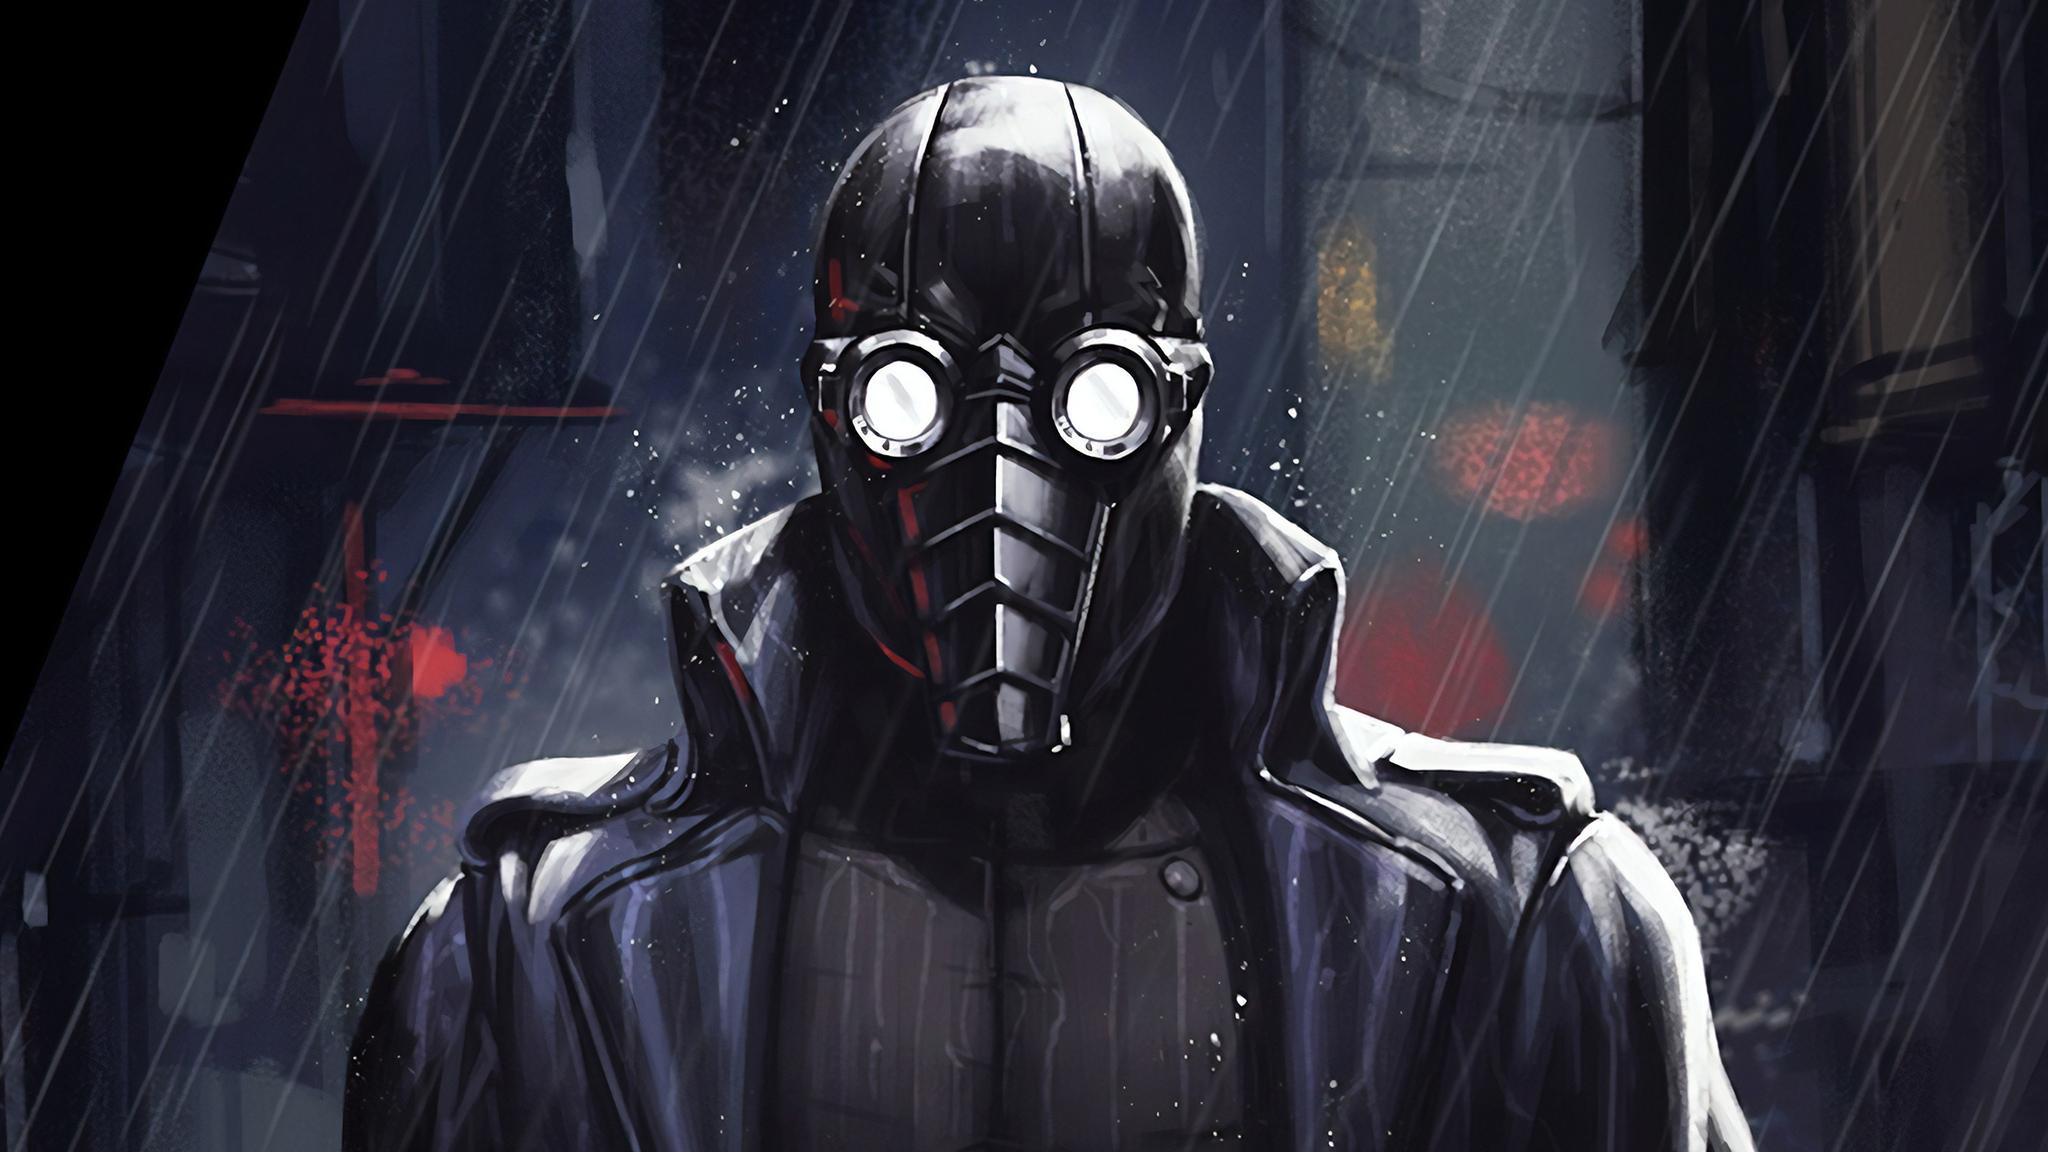 2048x1152 Spider Man Noir Hd 2048x1152 Resolution Hd 4k